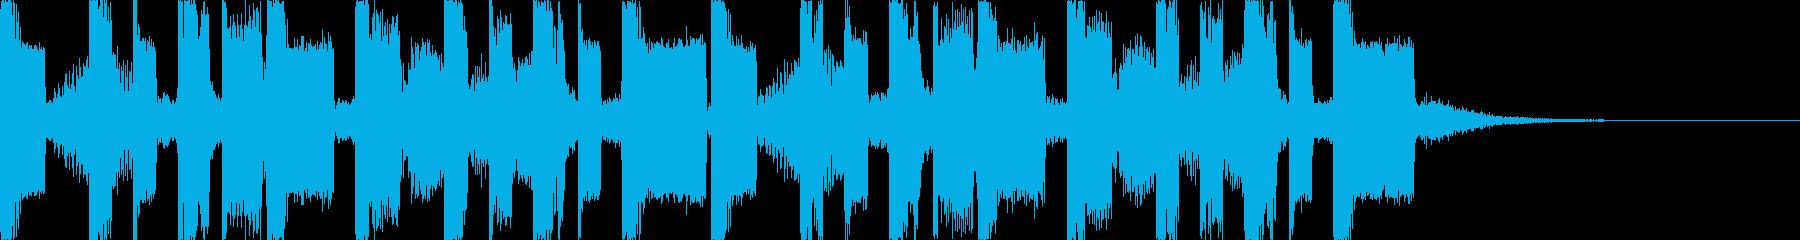 キャッチーでダークなEDM5の再生済みの波形